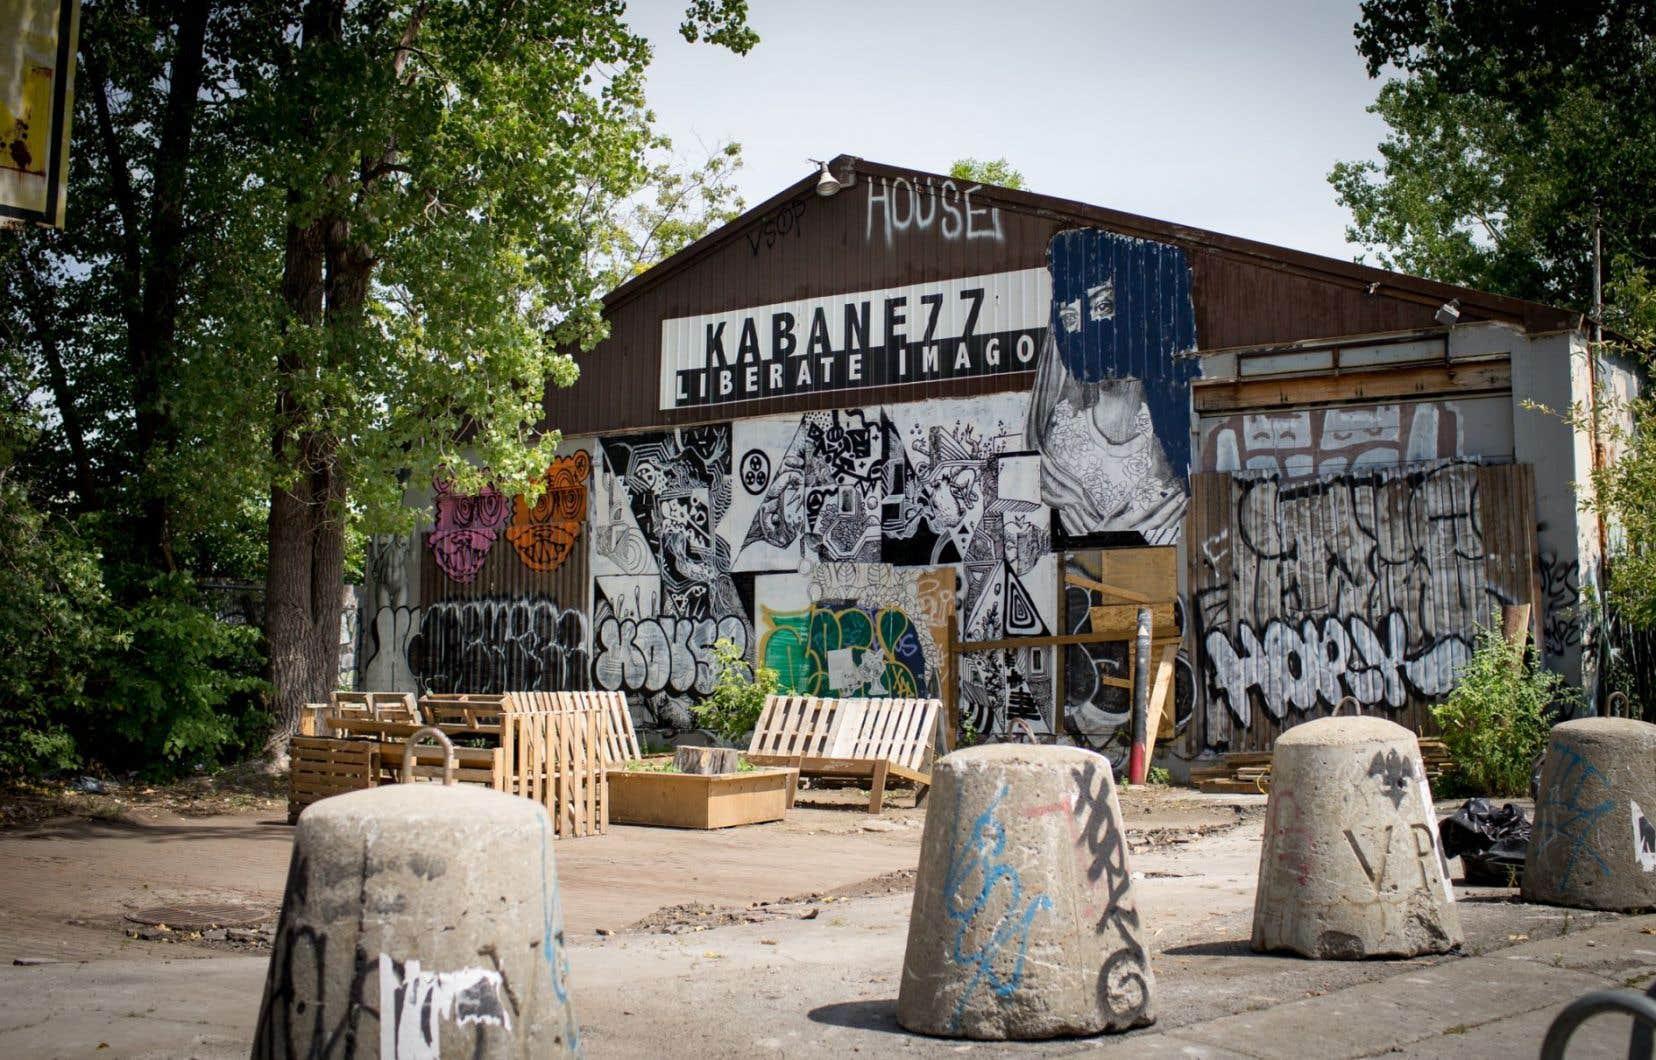 Les installations du collectif Kabane 77, qu'il avait construites autour d'un bâtiment abandonné du Mile-End, ont été démantelées par des employés de l'arrondissement du Plateau-Mont-Royal.